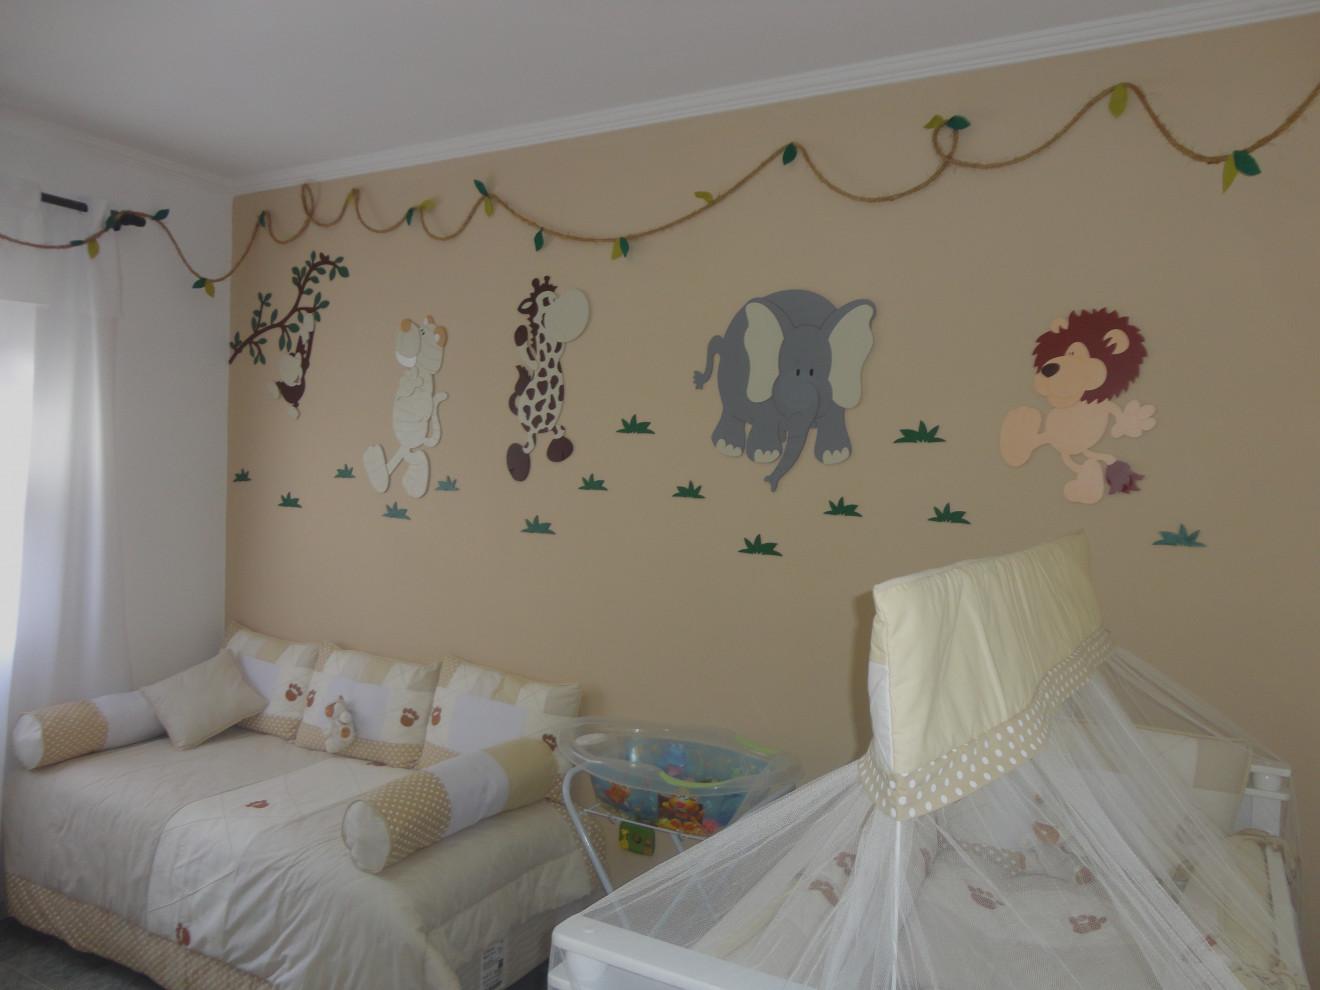 Quarto Safári traz proposta lúdica e alegre para decoraç u00e3o -> Decoração De Quarto De Bebê Ovelhinhas